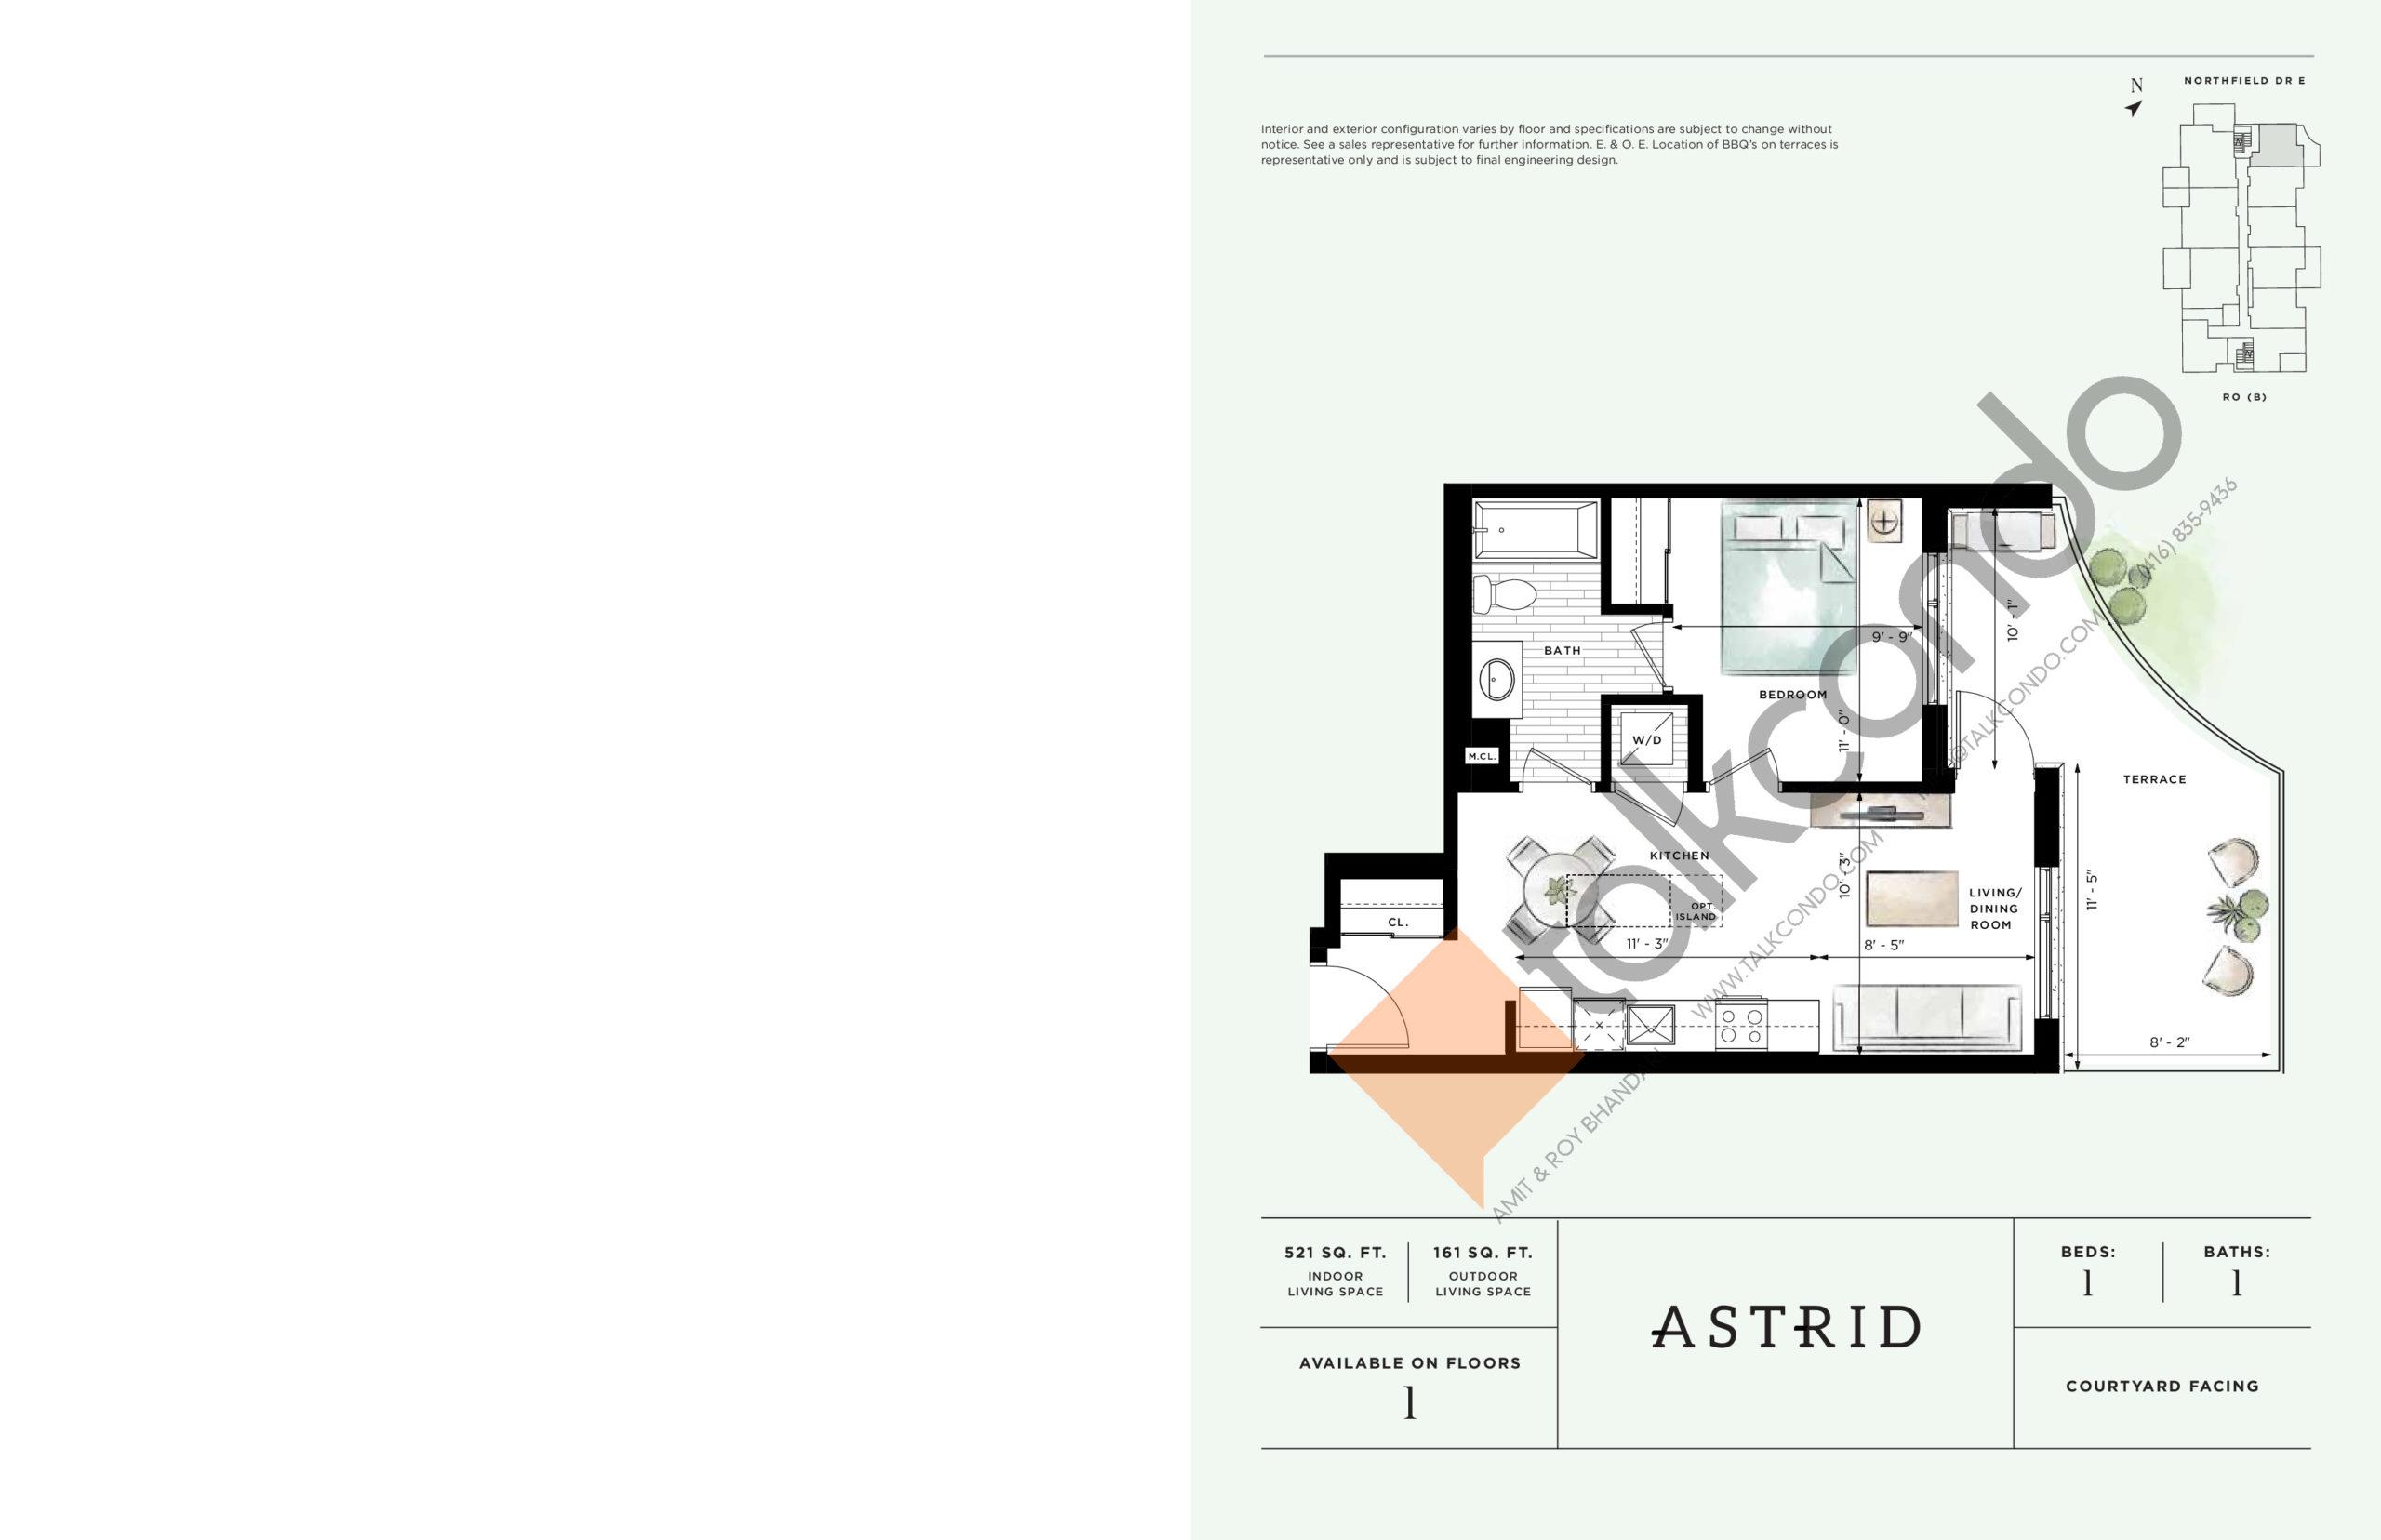 Astrid Floor Plan at Ro at Blackstone Condos - 521 sq.ft